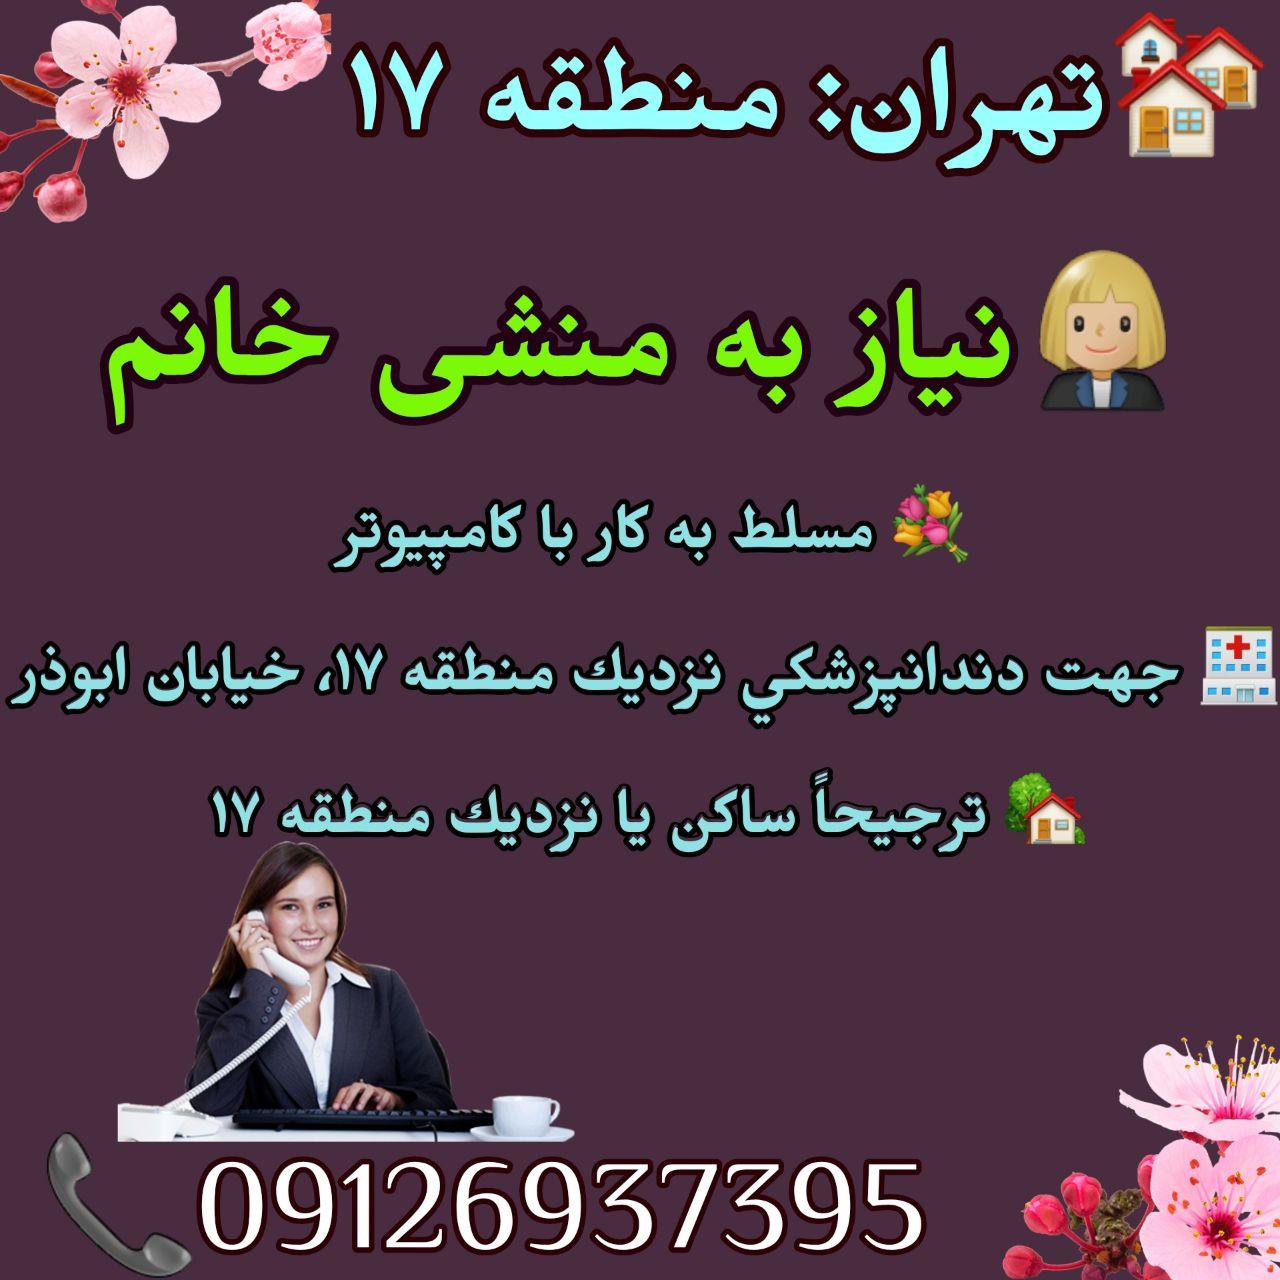 تهران: منطقه ۱۷، نیاز به منشی خانم